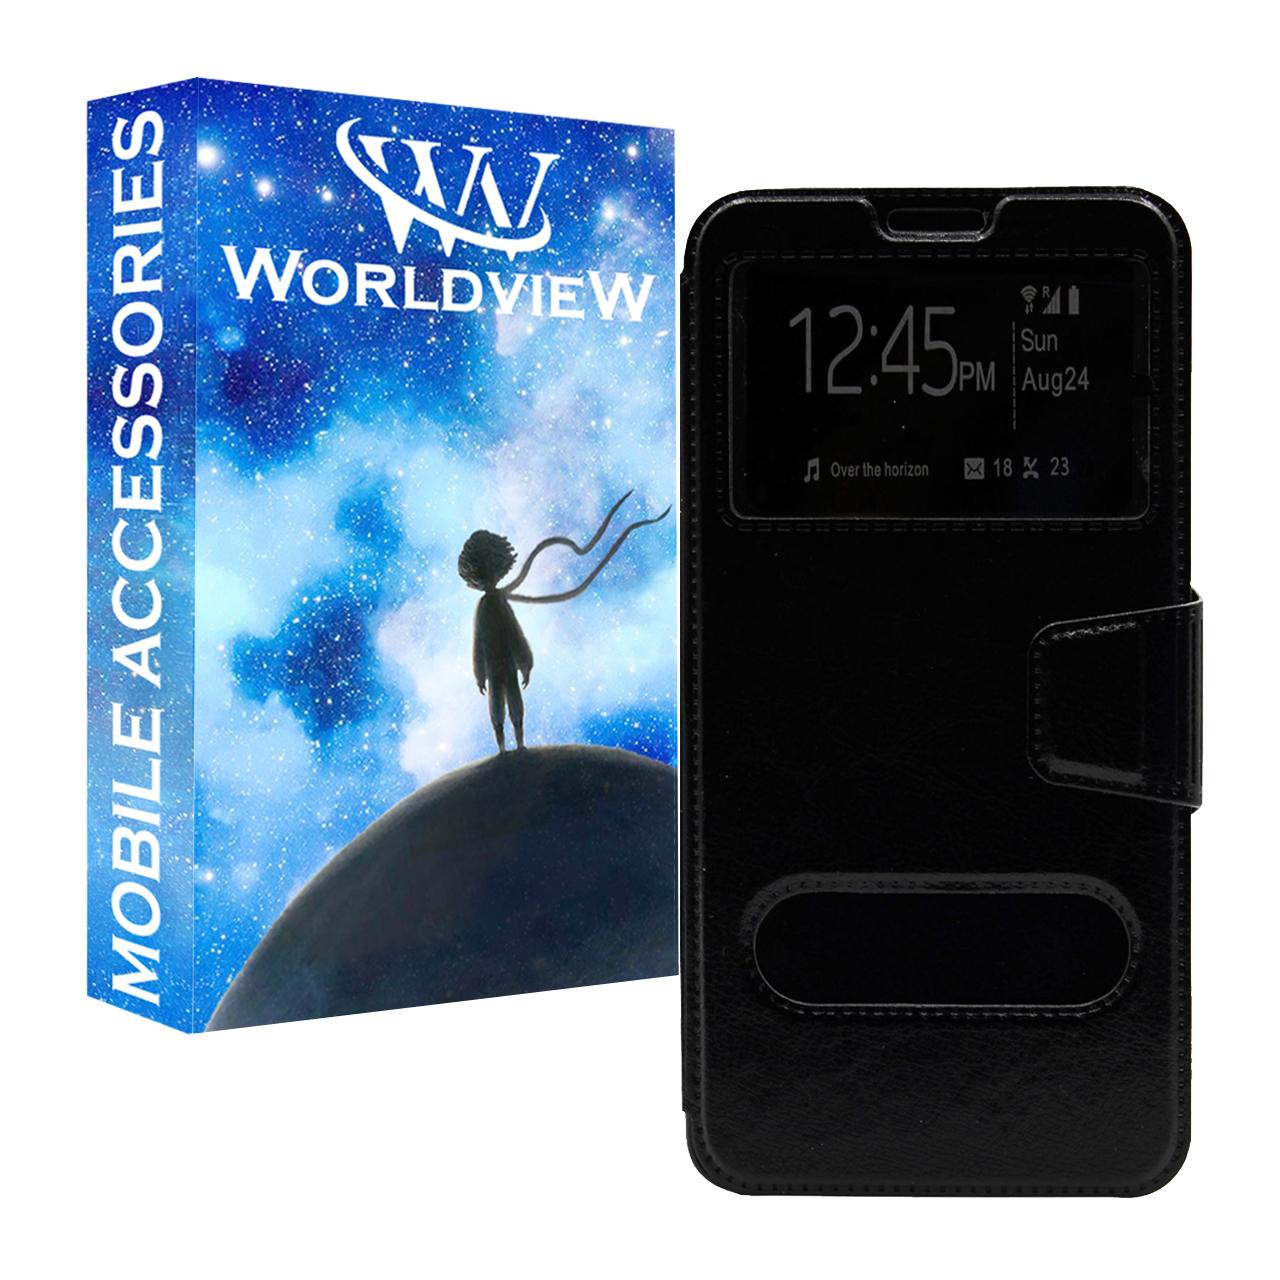 کیف کلاسوری ورلد ویو مدل WKFJ-2 مناسب برای گوشی موبایل سامسونگ Galaxy A20/A30/M10S